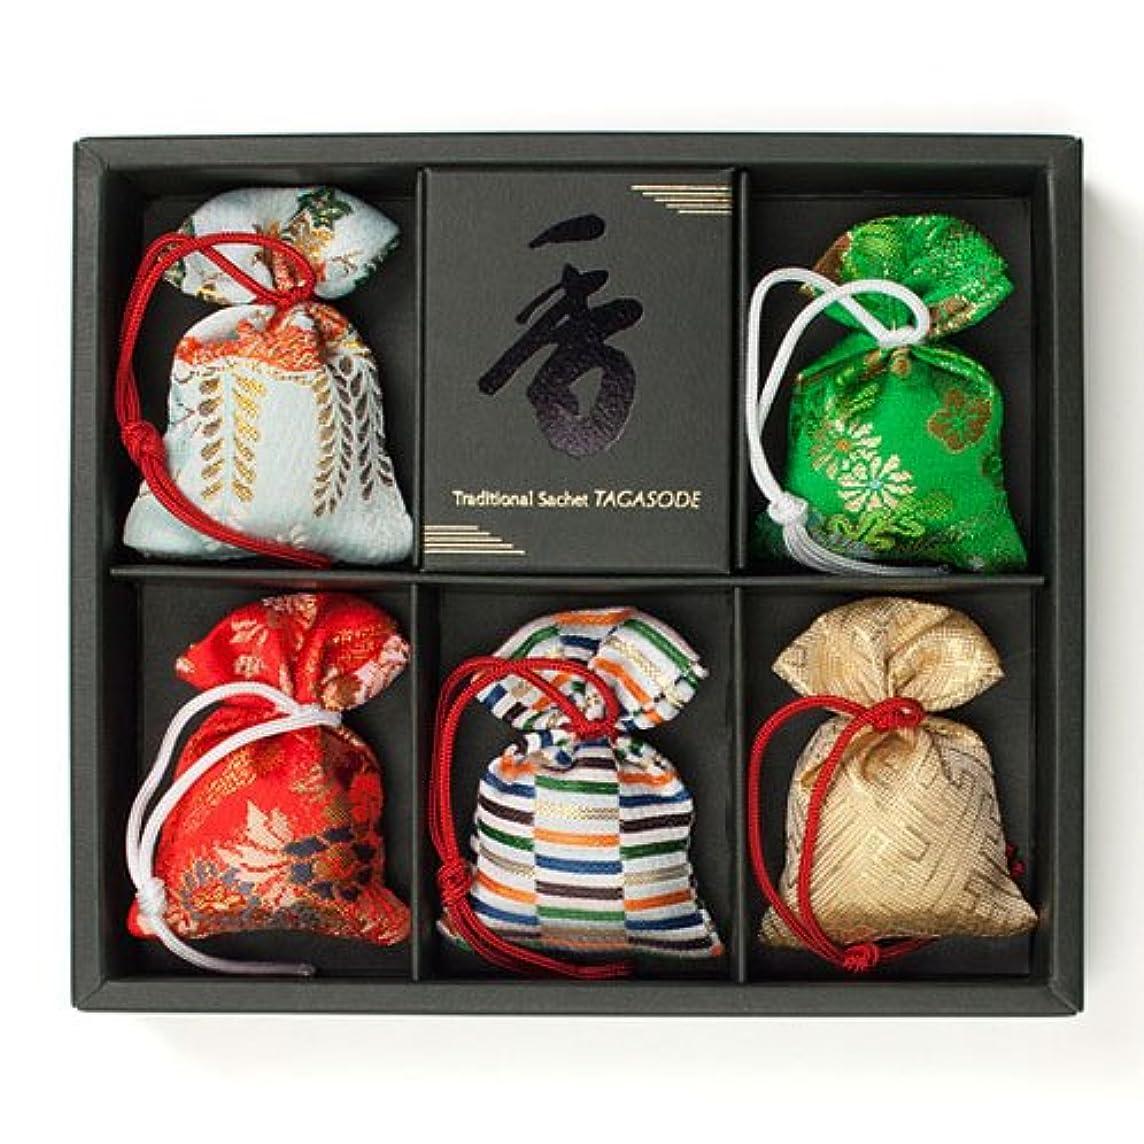 医療過誤最適透ける匂い袋 誰が袖 極品 5個入 松栄堂 Shoyeido 本体長さ60mm (色?柄は選べません)